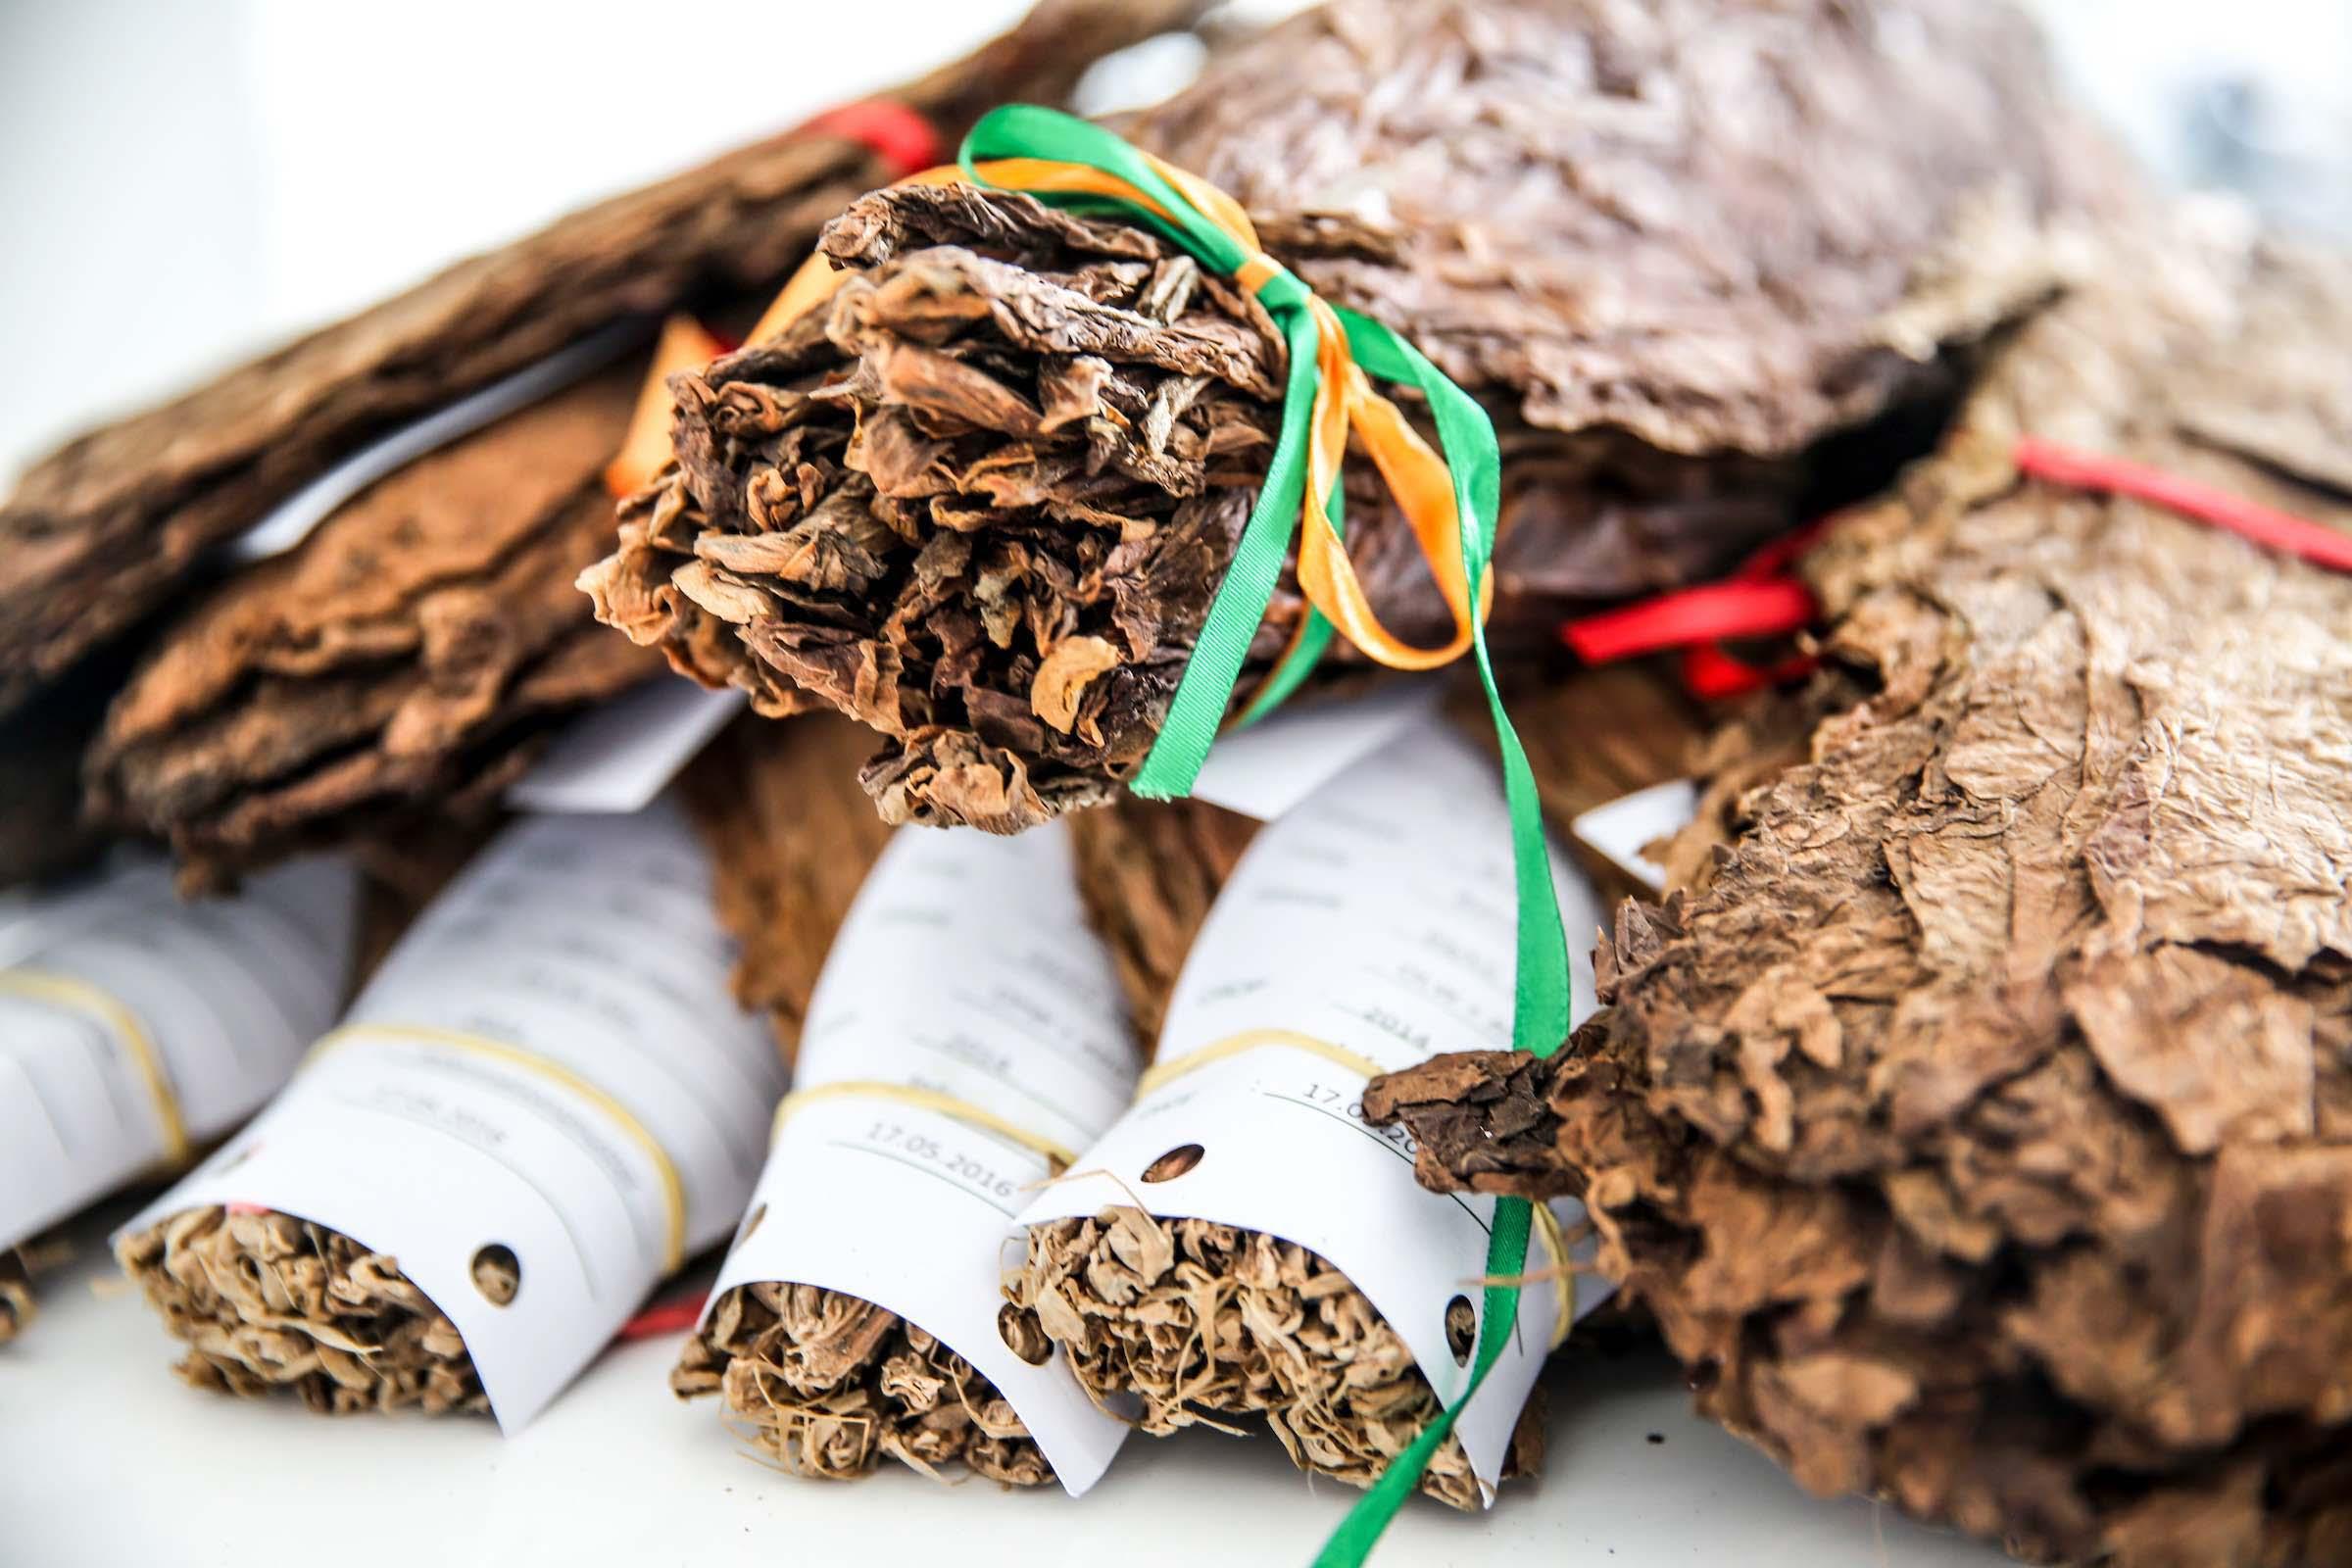 Zigarrenroller |Zigarrendreher | Zigarrenrollen | Zigarre | Trocadero | Buchen